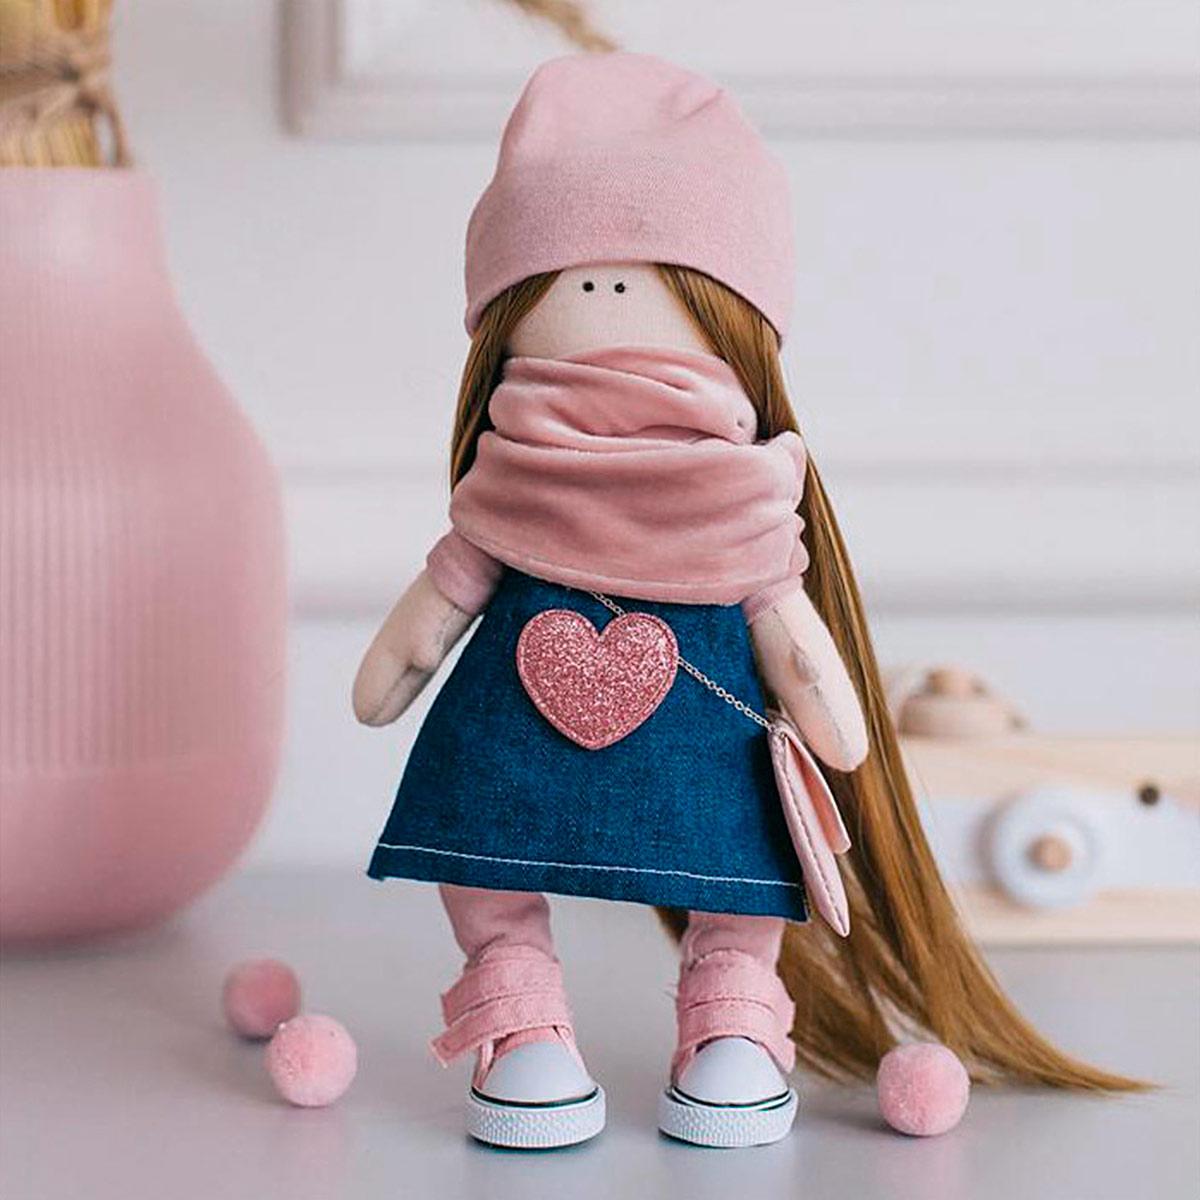 4816586 Мягкая кукла Нати, набор для шитья 15,6*22.4*5.2 см